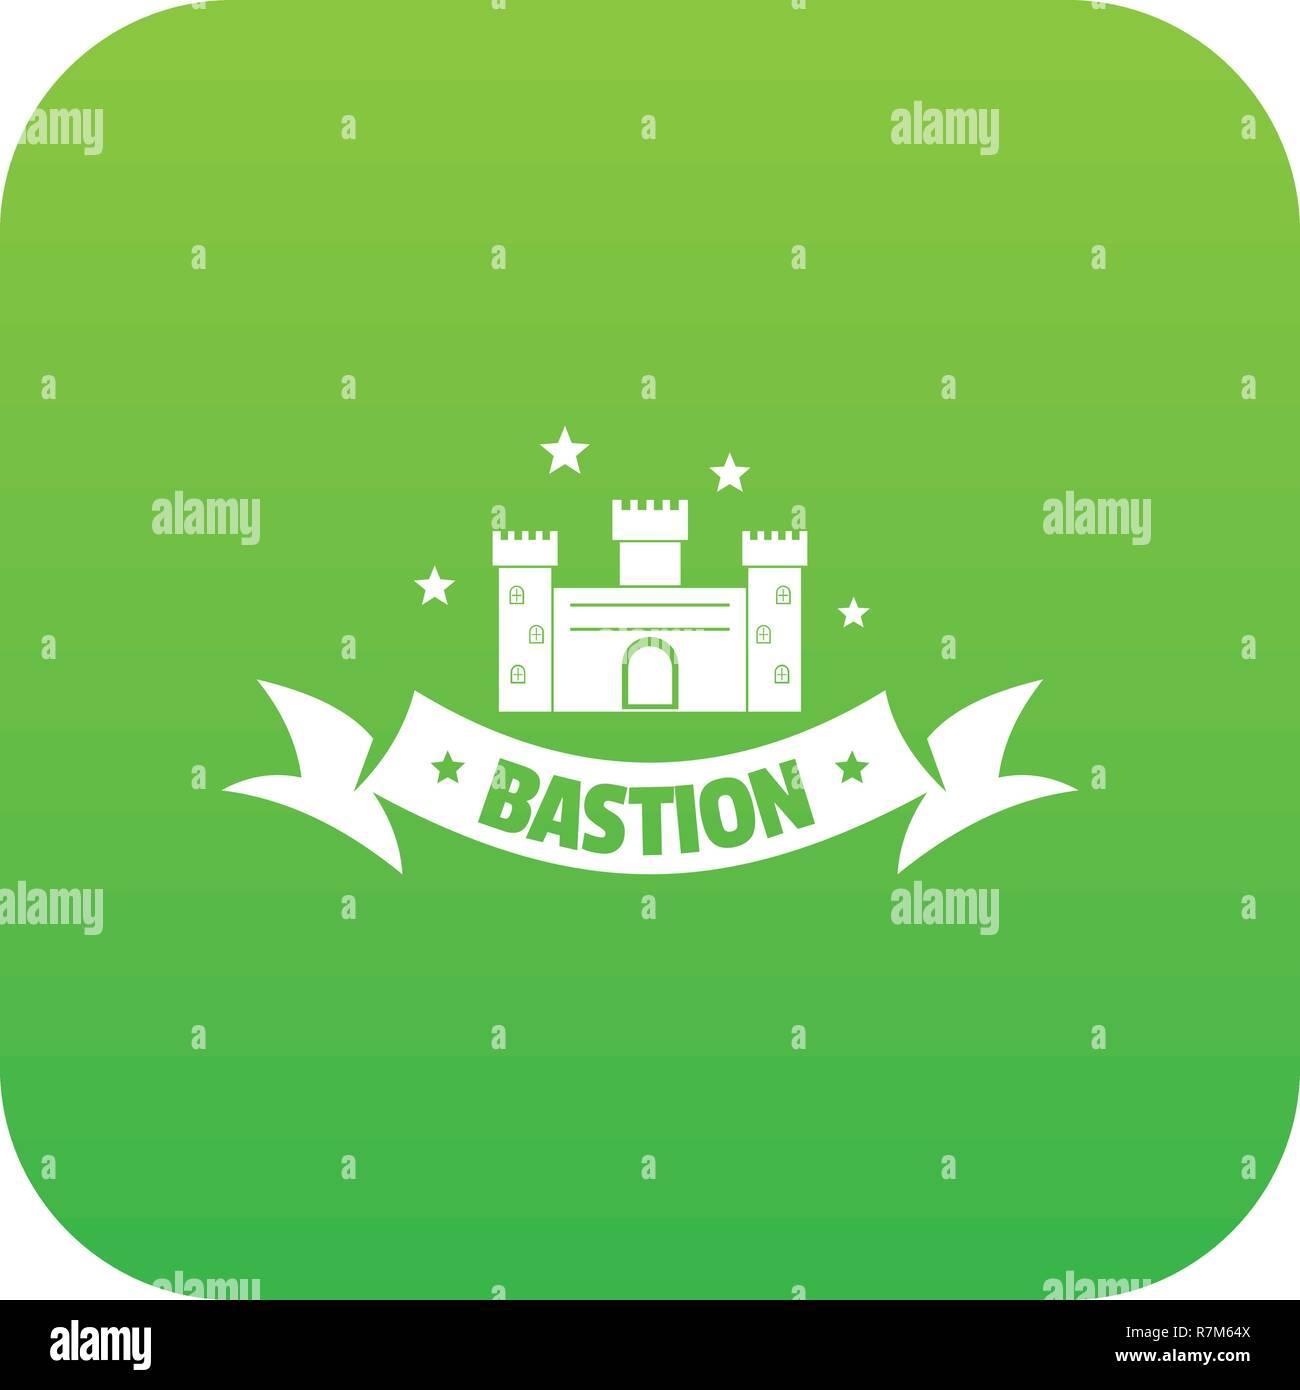 Building bastion icon green vector - Stock Vector